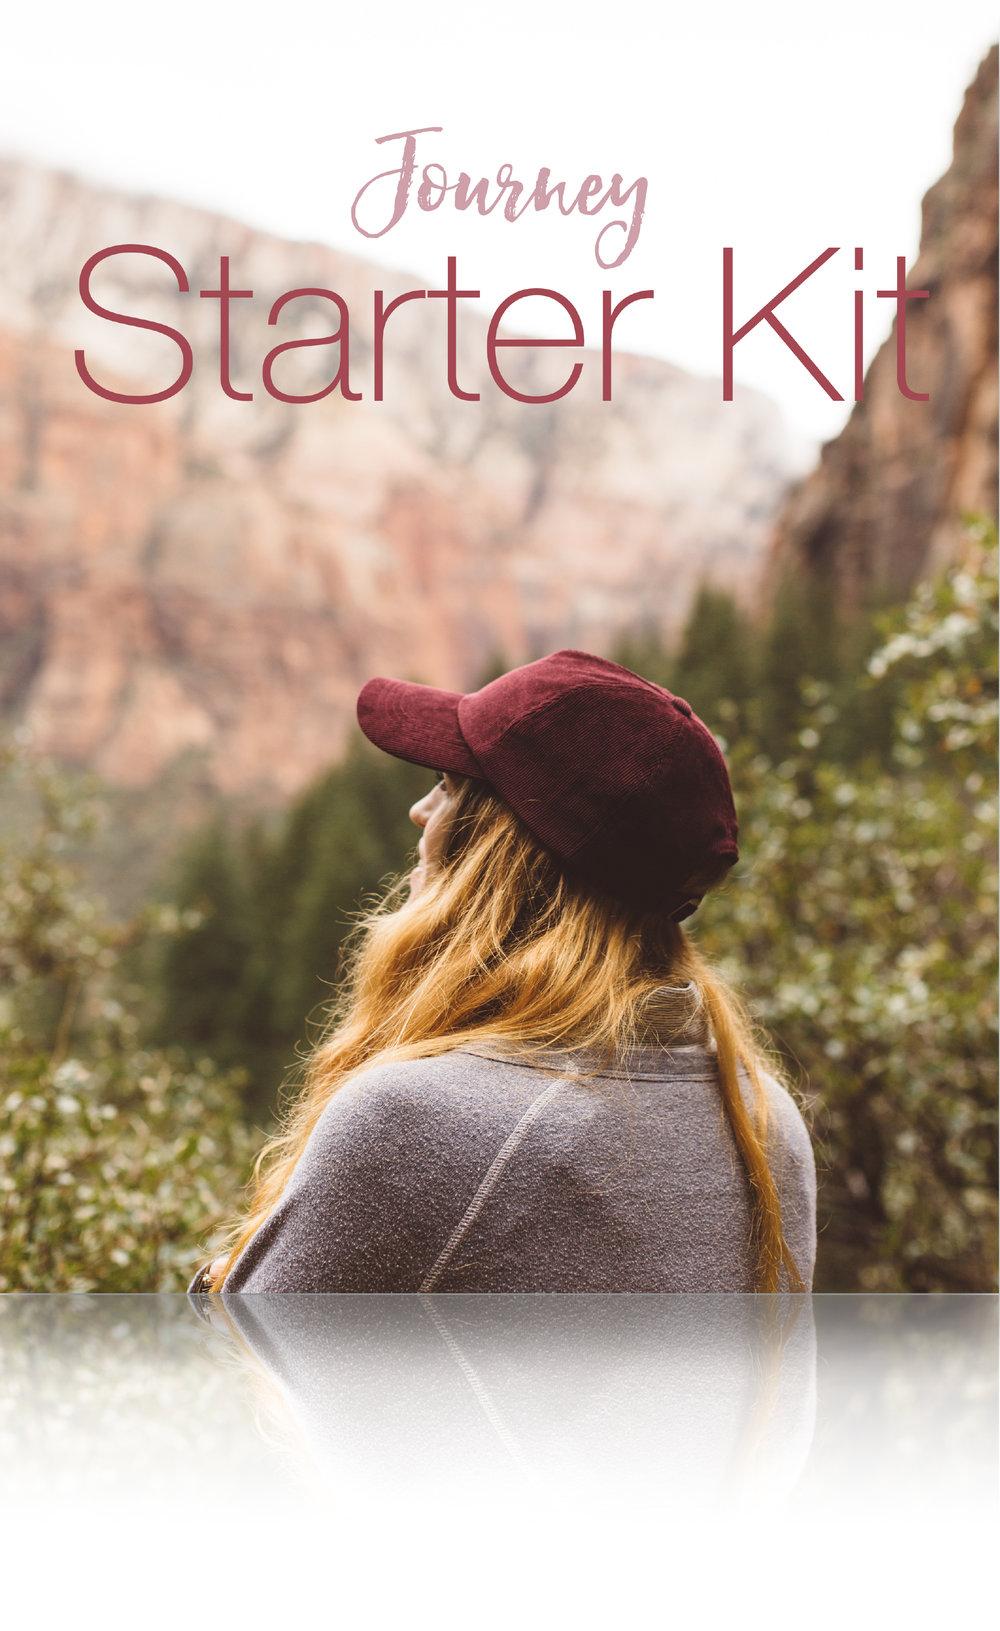 Starter_kit_reflection.jpg